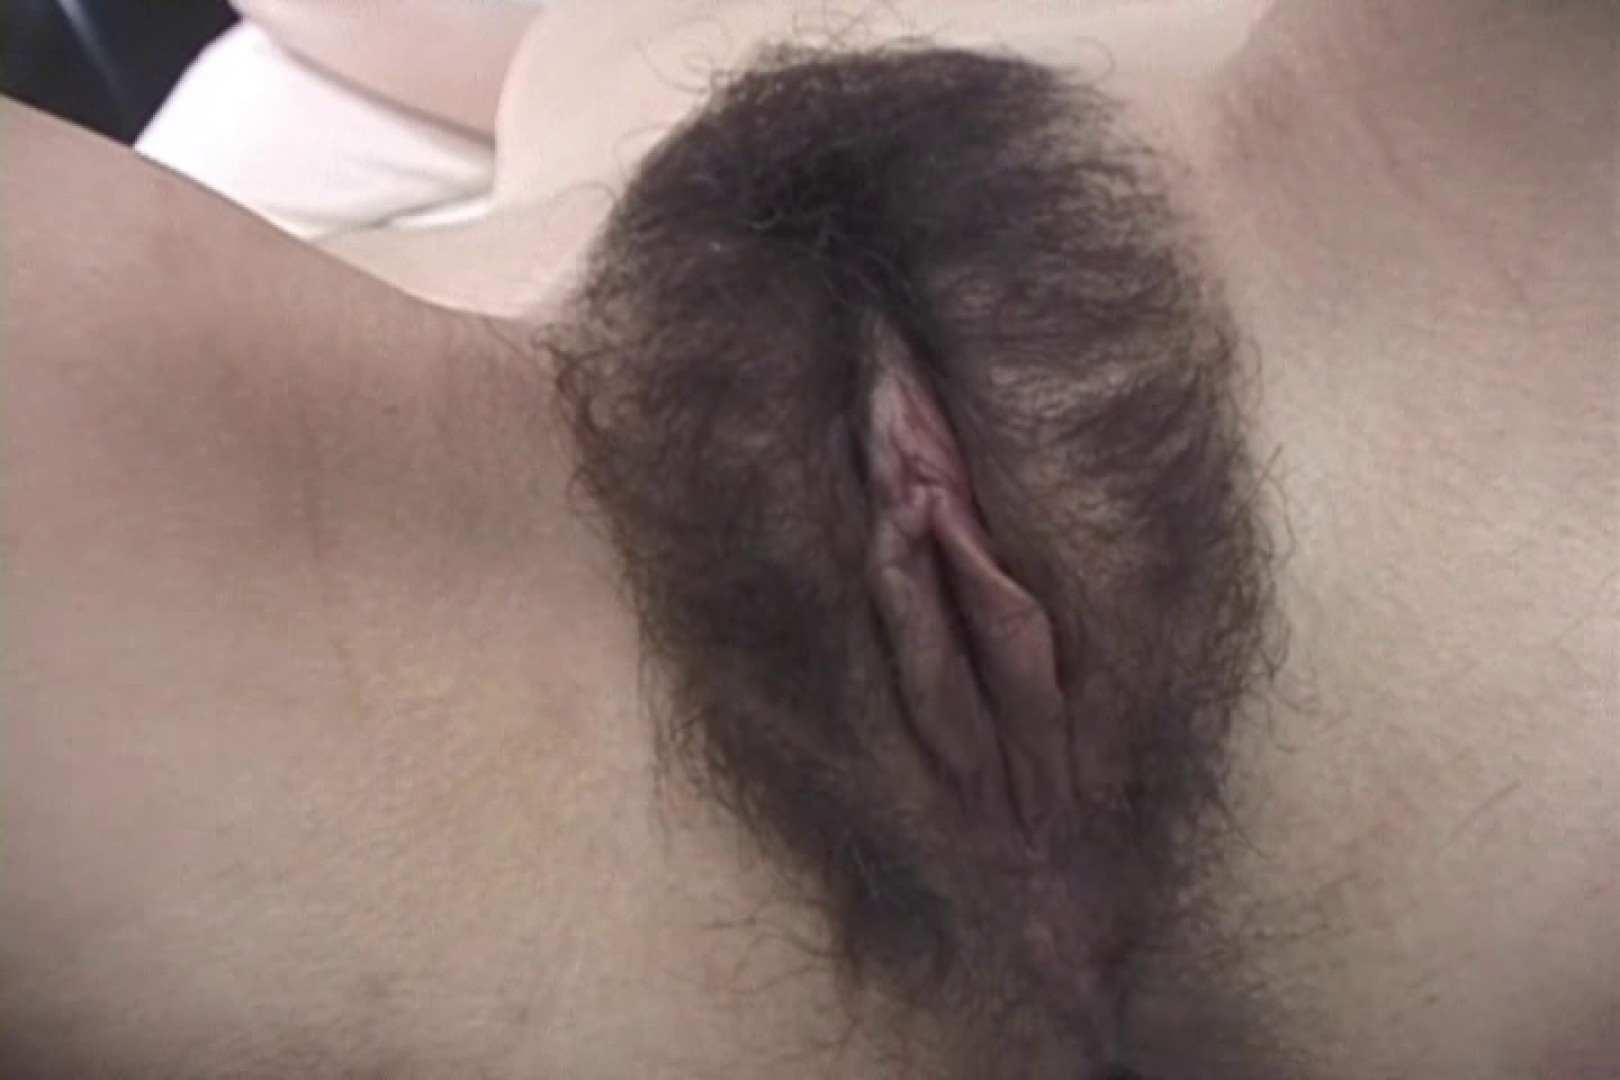 若人妻は静かに濡れる~藤本あずさ~ 電マ 濡れ場動画紹介 103連発 56